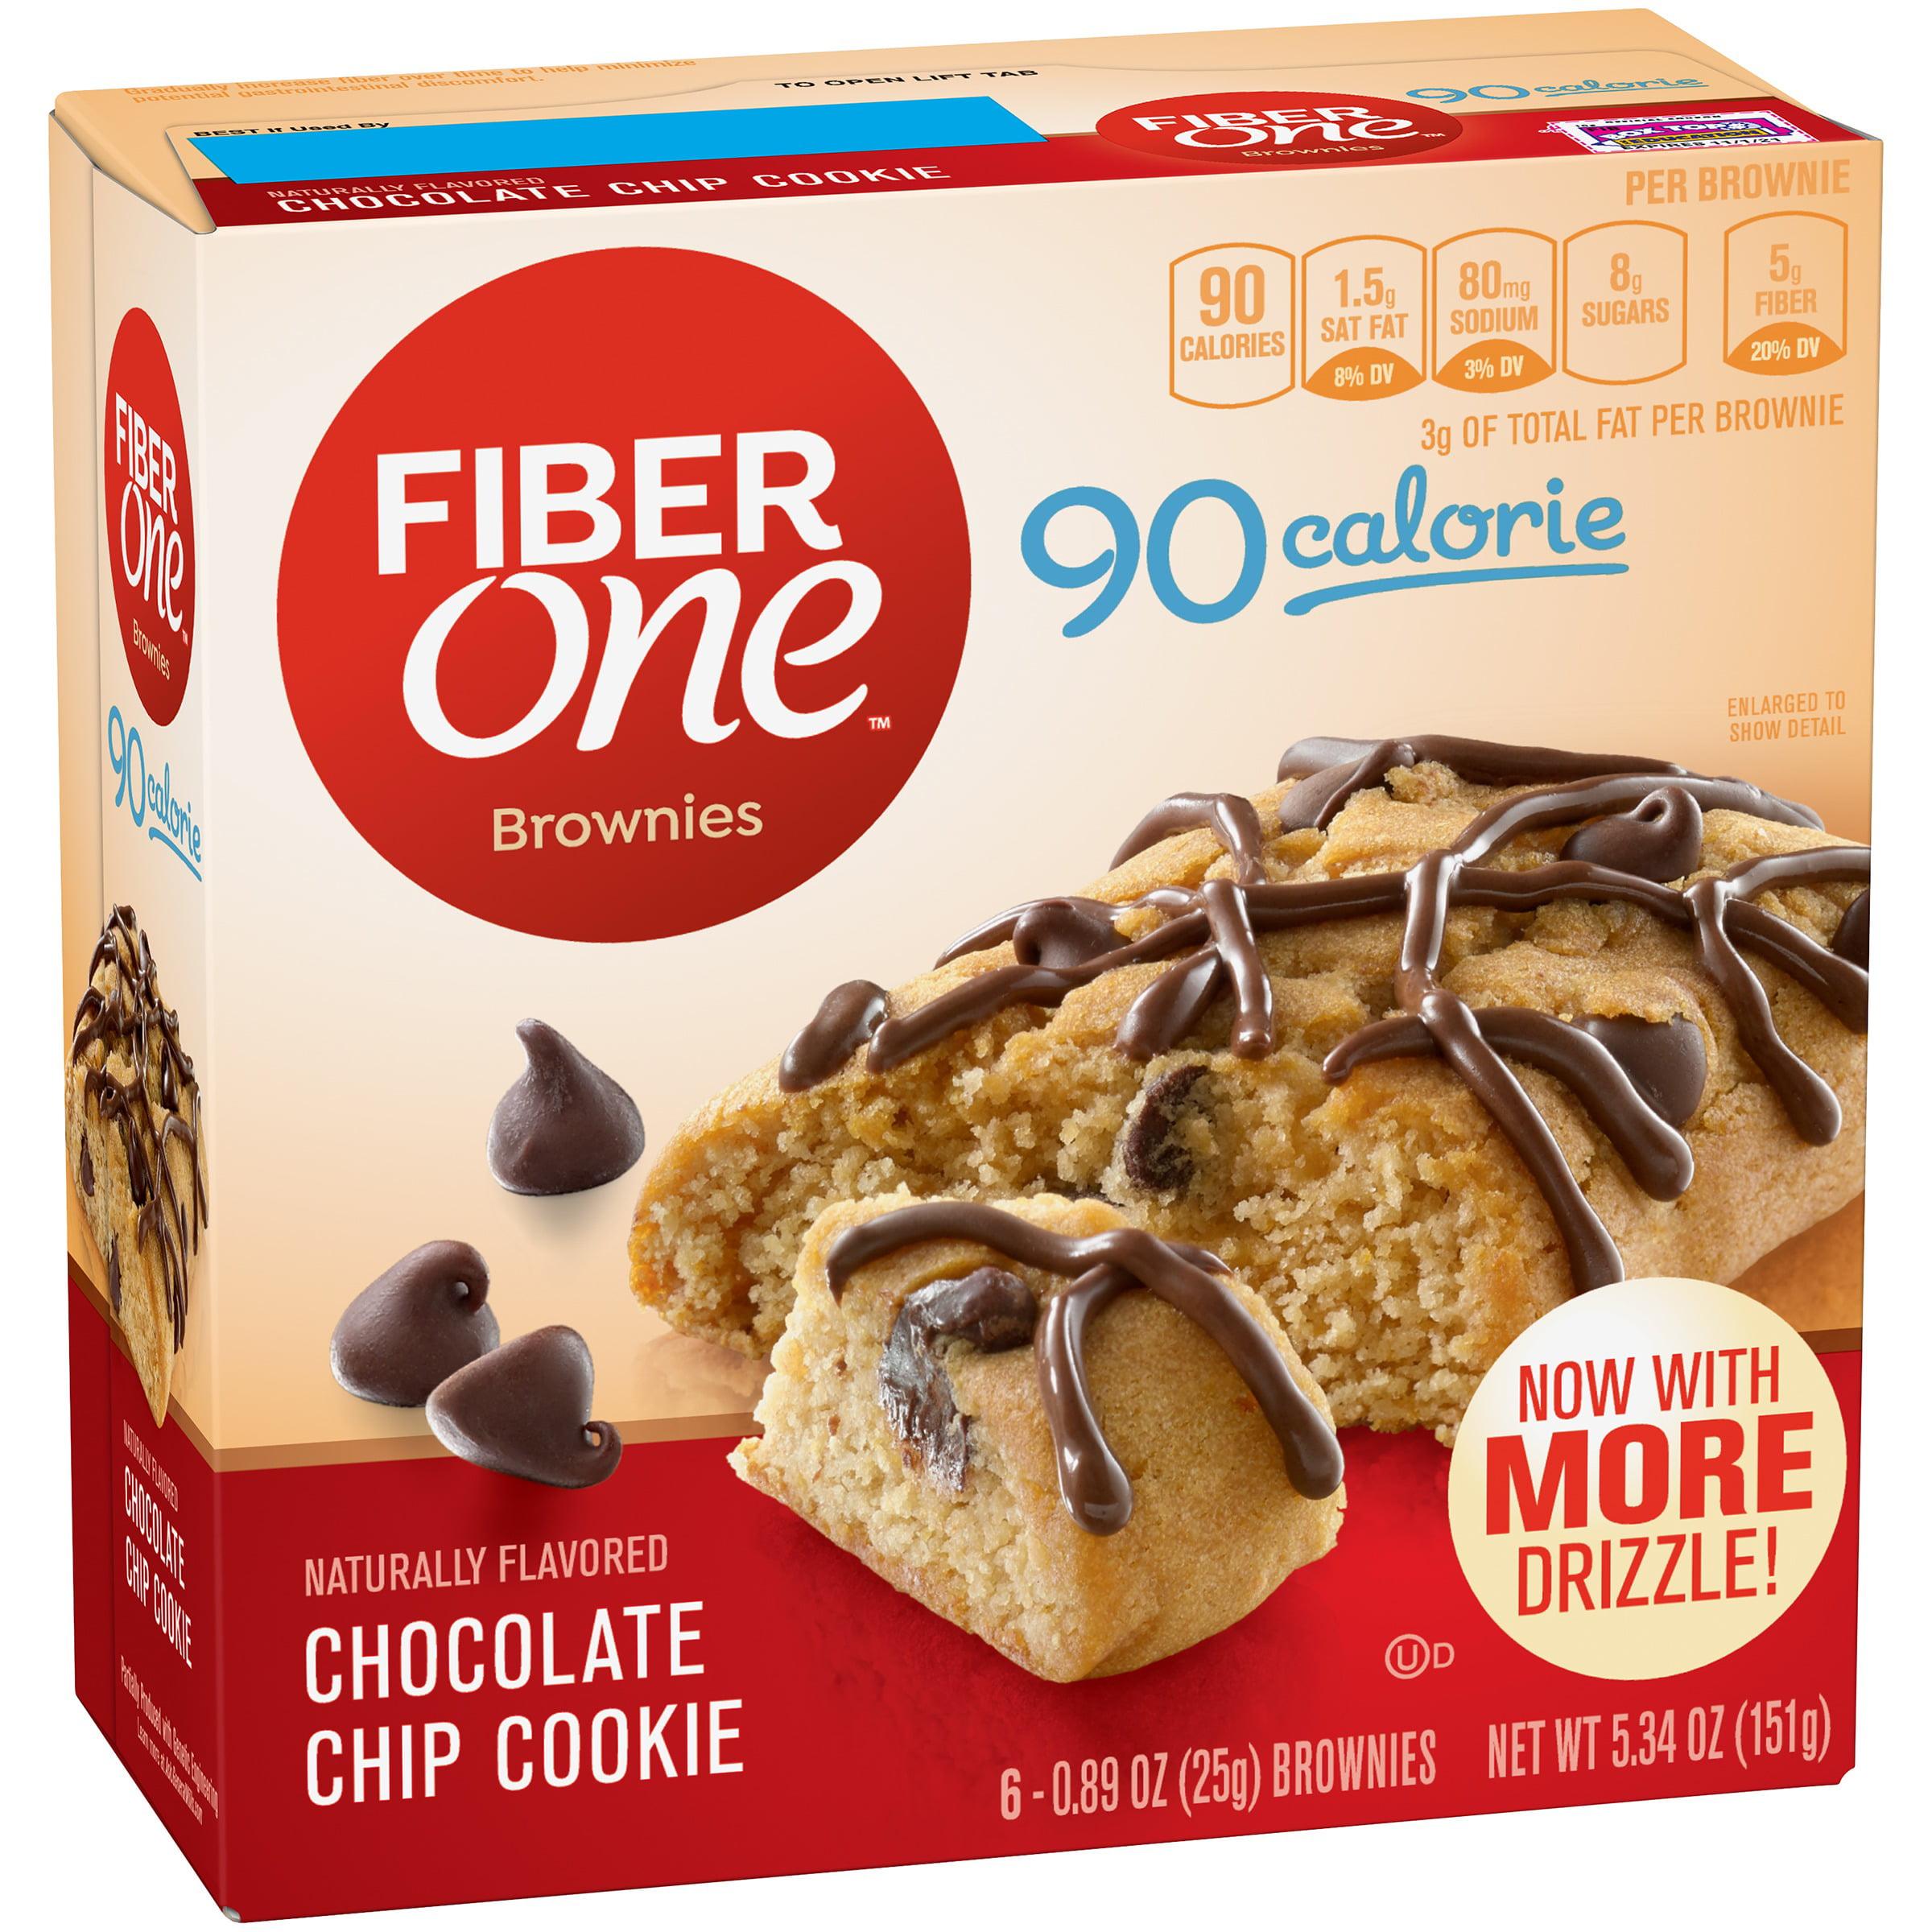 Fiber One 90 Calorie Brownie Chocolate Chip Cookie 6 - 0.89 oz Brownies